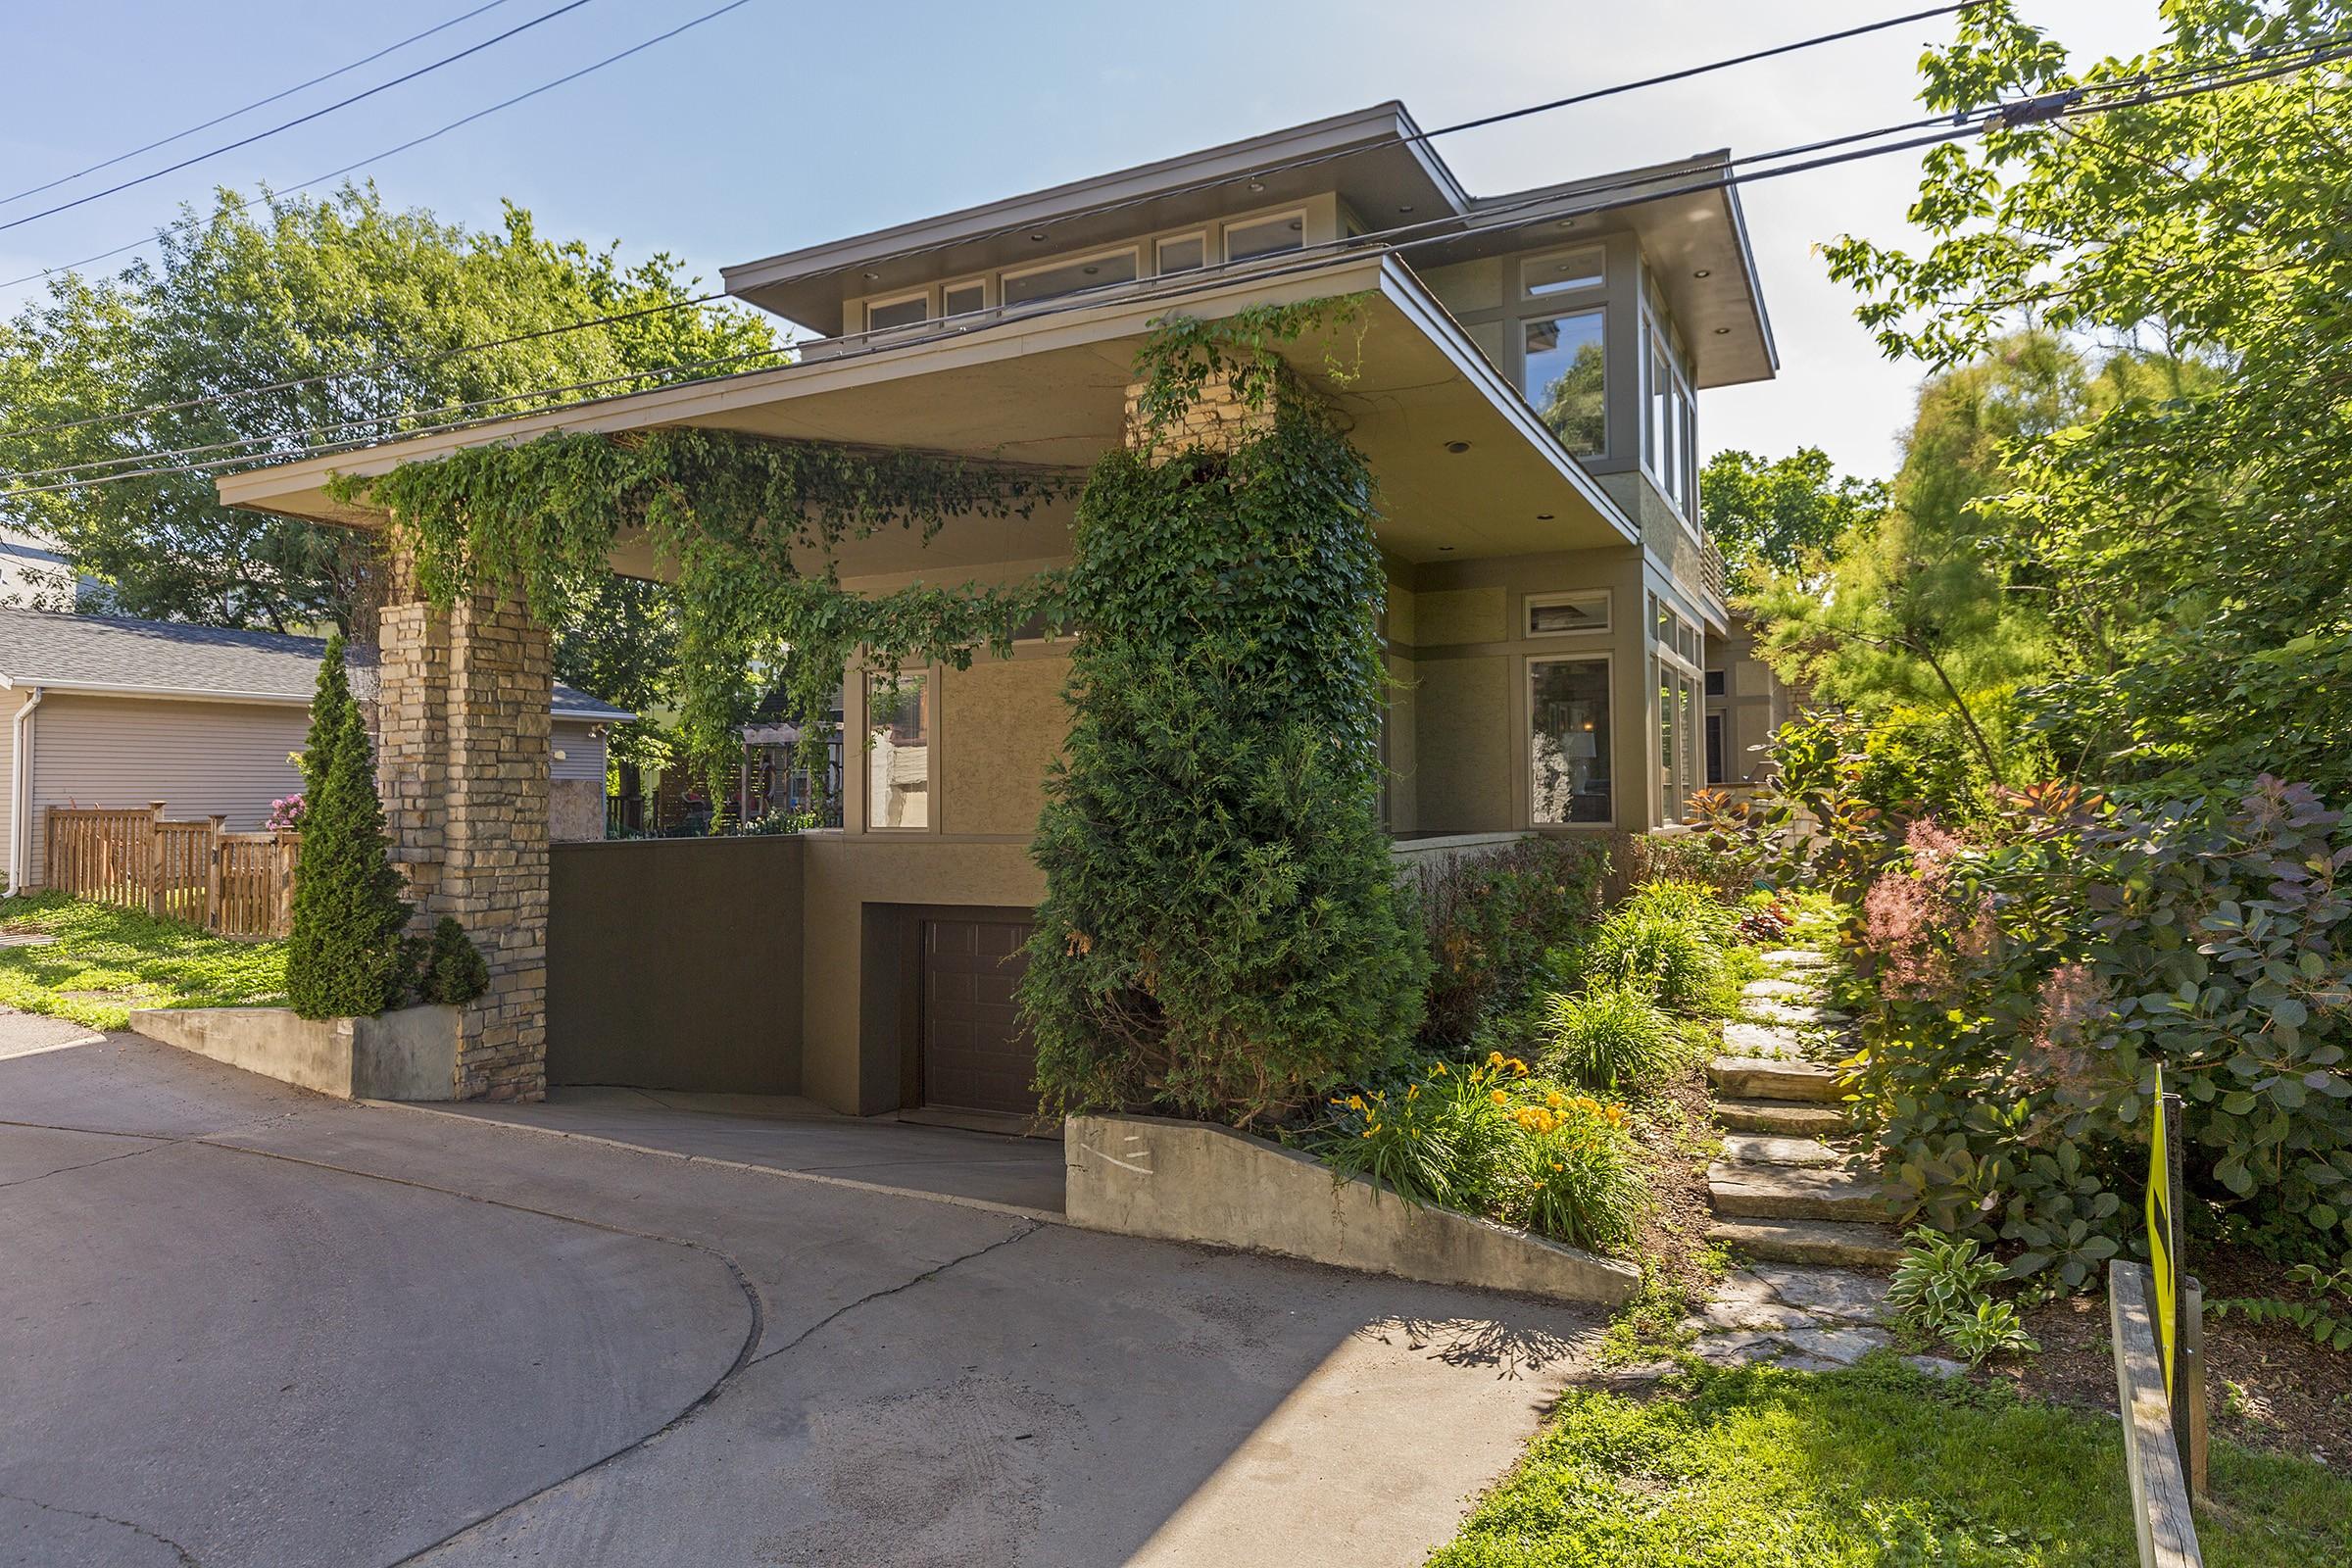 Nhà ở một gia đình vì Bán tại 2864 Irving Avenue S East Isles, Minneapolis, Minnesota, 55408 Hoa Kỳ